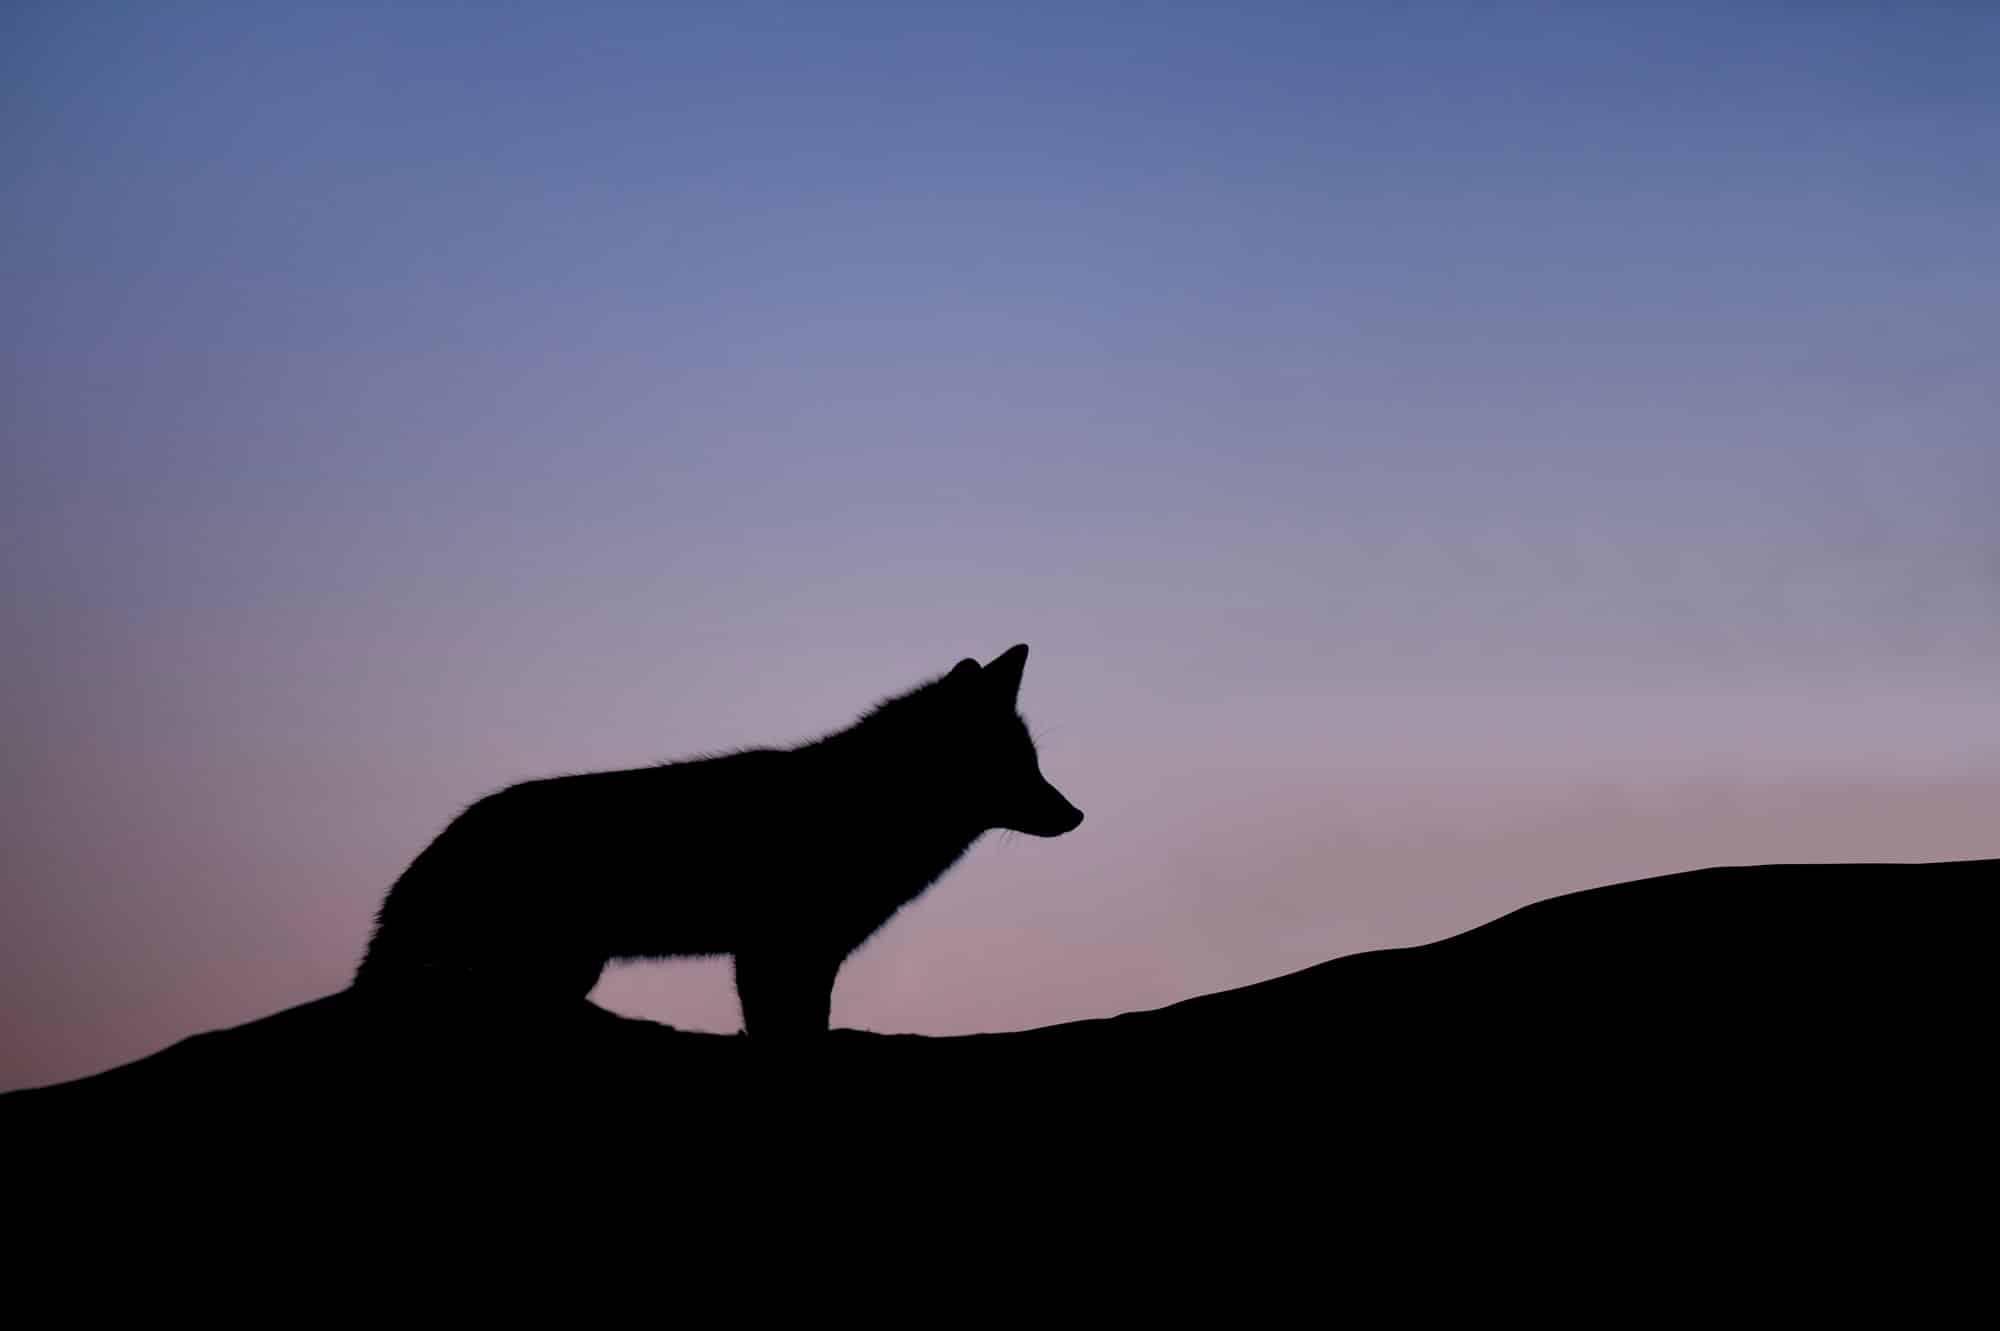 Loup seul dans la nuit